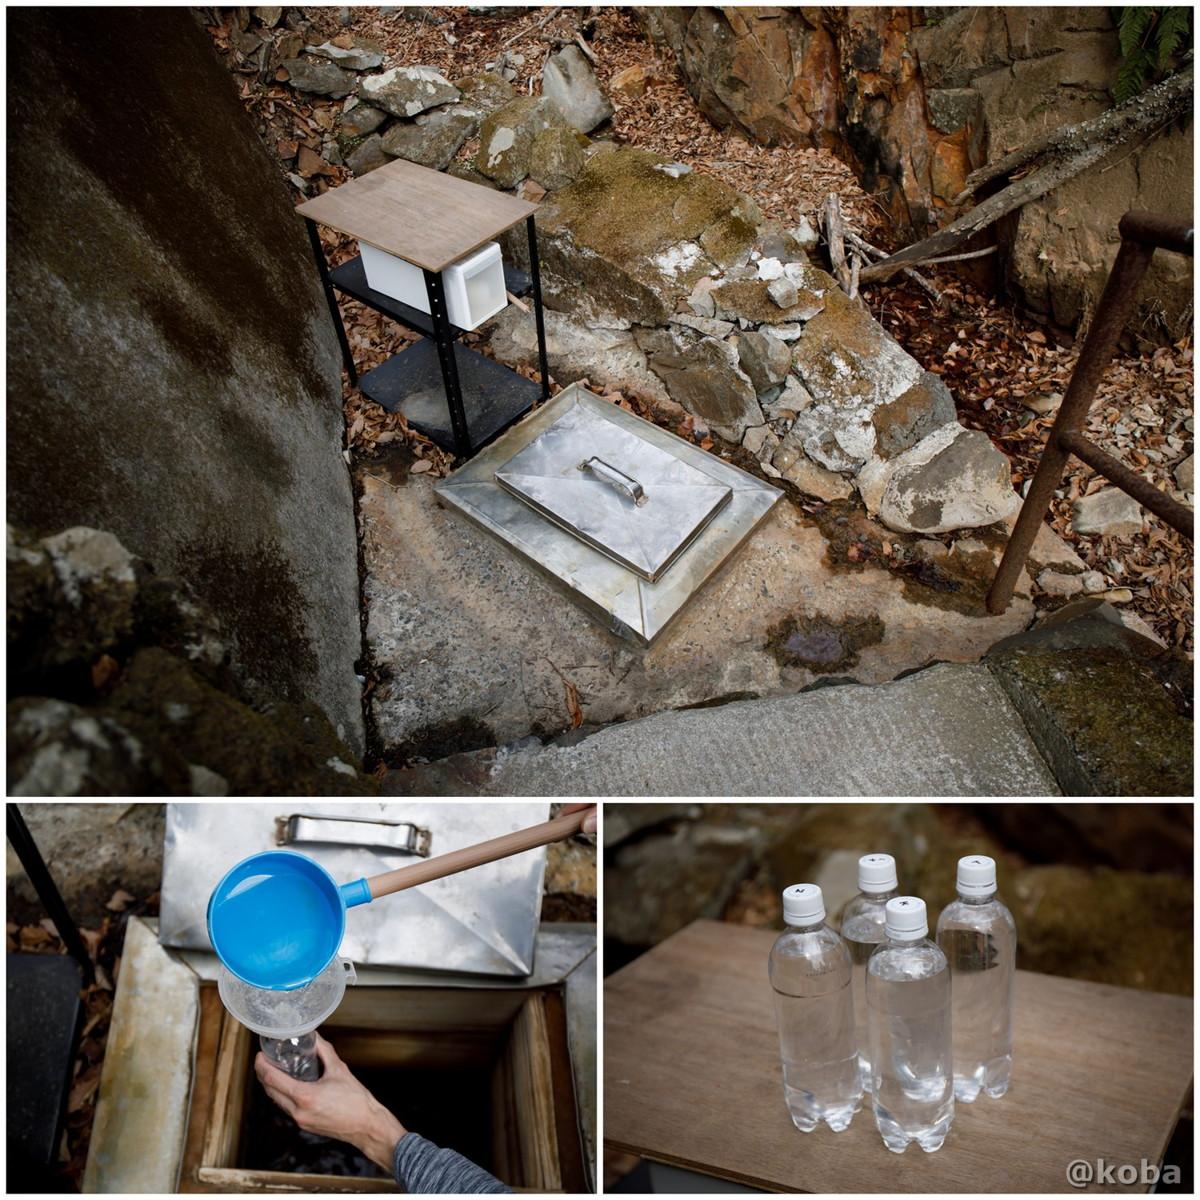 用意した透明のペットボトルに「宝命水」を汲んでいる写真|内山峠 初谷温泉(うちやまとうげ しょやおんせん)|長野県佐久市